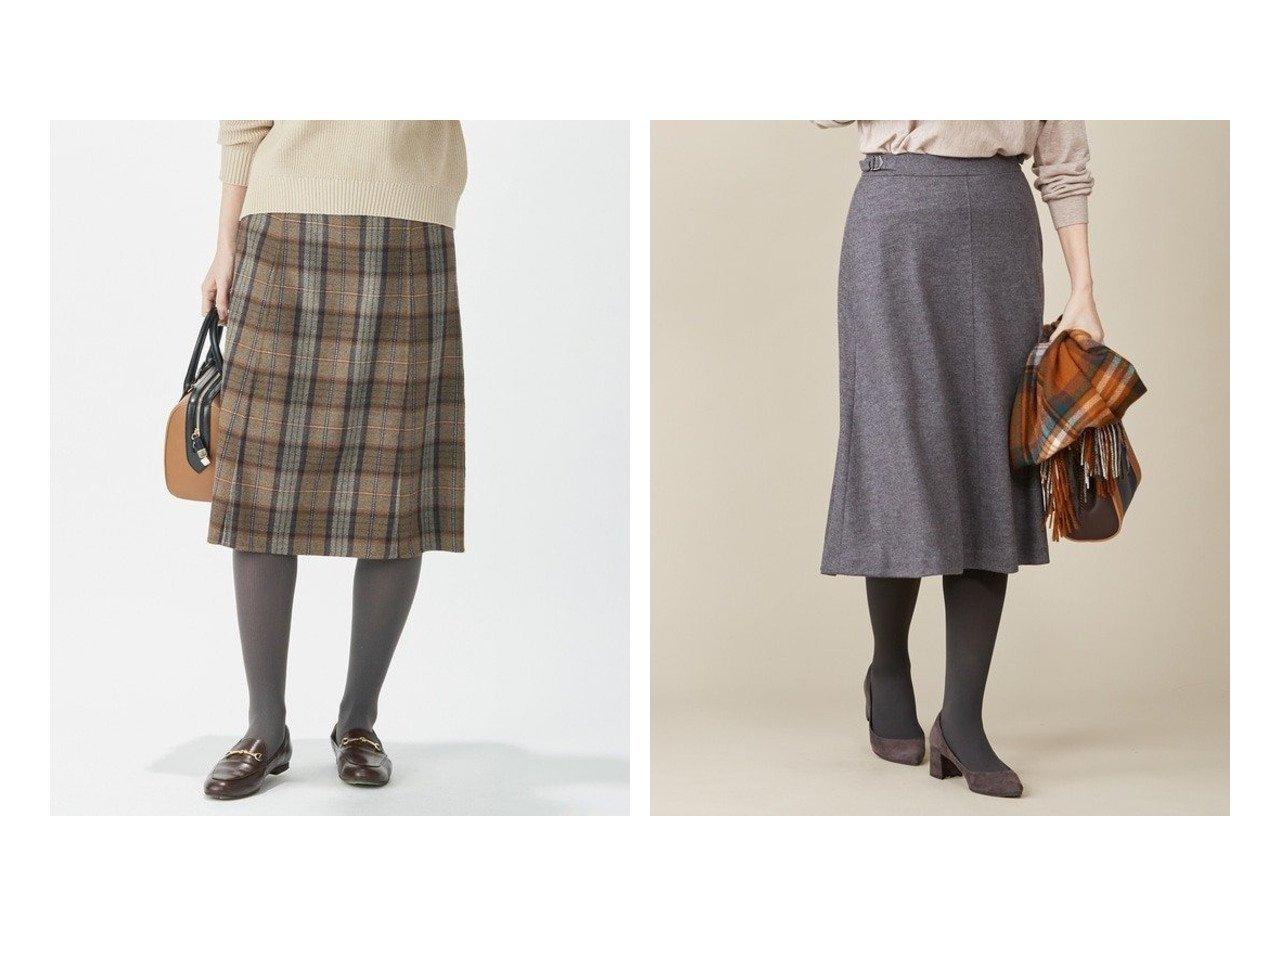 【J.PRESS/ジェイ プレス】の【リバーシブル】エアーファインウールリバーチェック スカート&【洗える】ウールスムースジャージー フレア スカート スカートのおすすめ!人気、トレンド・レディースファッションの通販 おすすめで人気の流行・トレンド、ファッションの通販商品 メンズファッション・キッズファッション・インテリア・家具・レディースファッション・服の通販 founy(ファニー) https://founy.com/ ファッション Fashion レディースファッション WOMEN スカート Skirt Aライン/フレアスカート Flared A-Line Skirts NEW・新作・新着・新入荷 New Arrivals 送料無料 Free Shipping チェック トレンド ドレープ フレア ミックス リバーシブル ロング 無地 軽量 アンティーク ウォーム 洗える ジャケット スタイリッシュ セットアップ A/W 秋冬 AW Autumn/Winter / FW Fall-Winter |ID:crp329100000013386